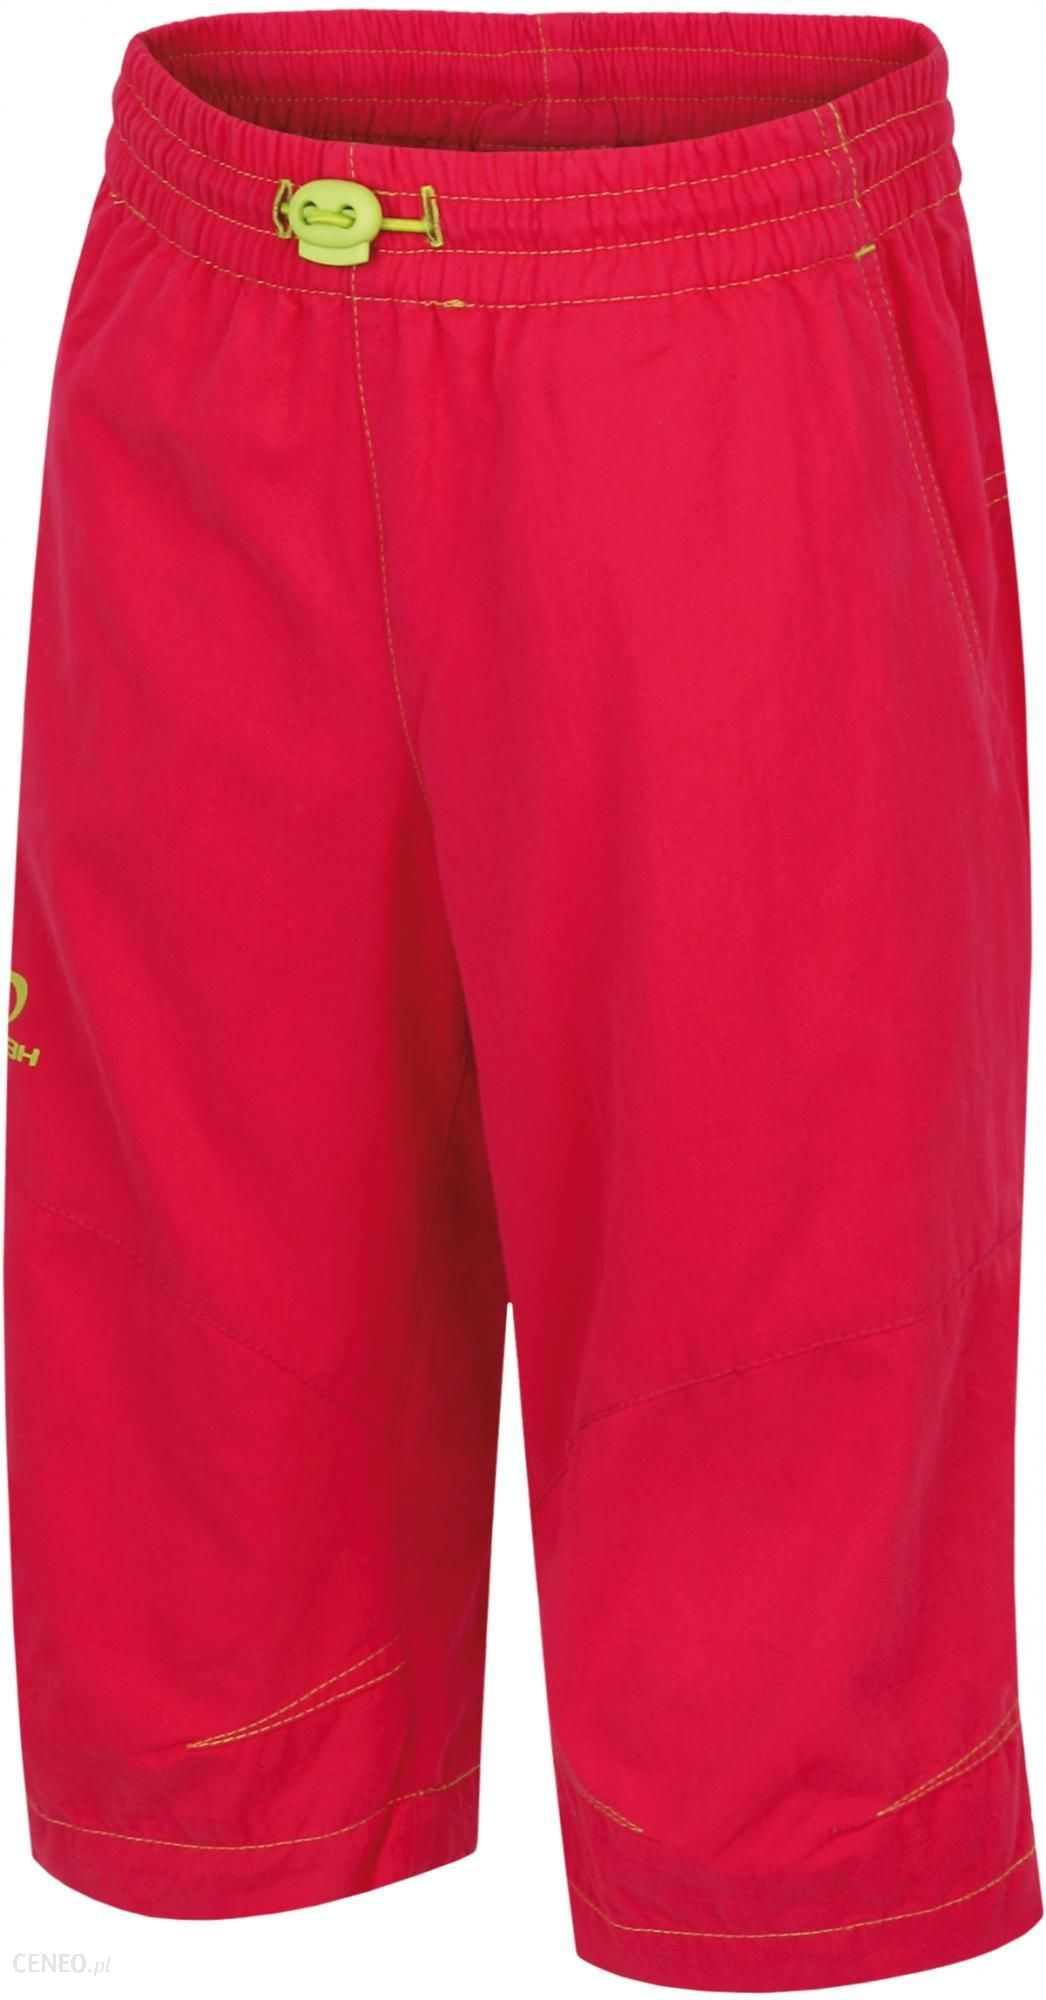 3 4 spodnie czerwone męskie hannah